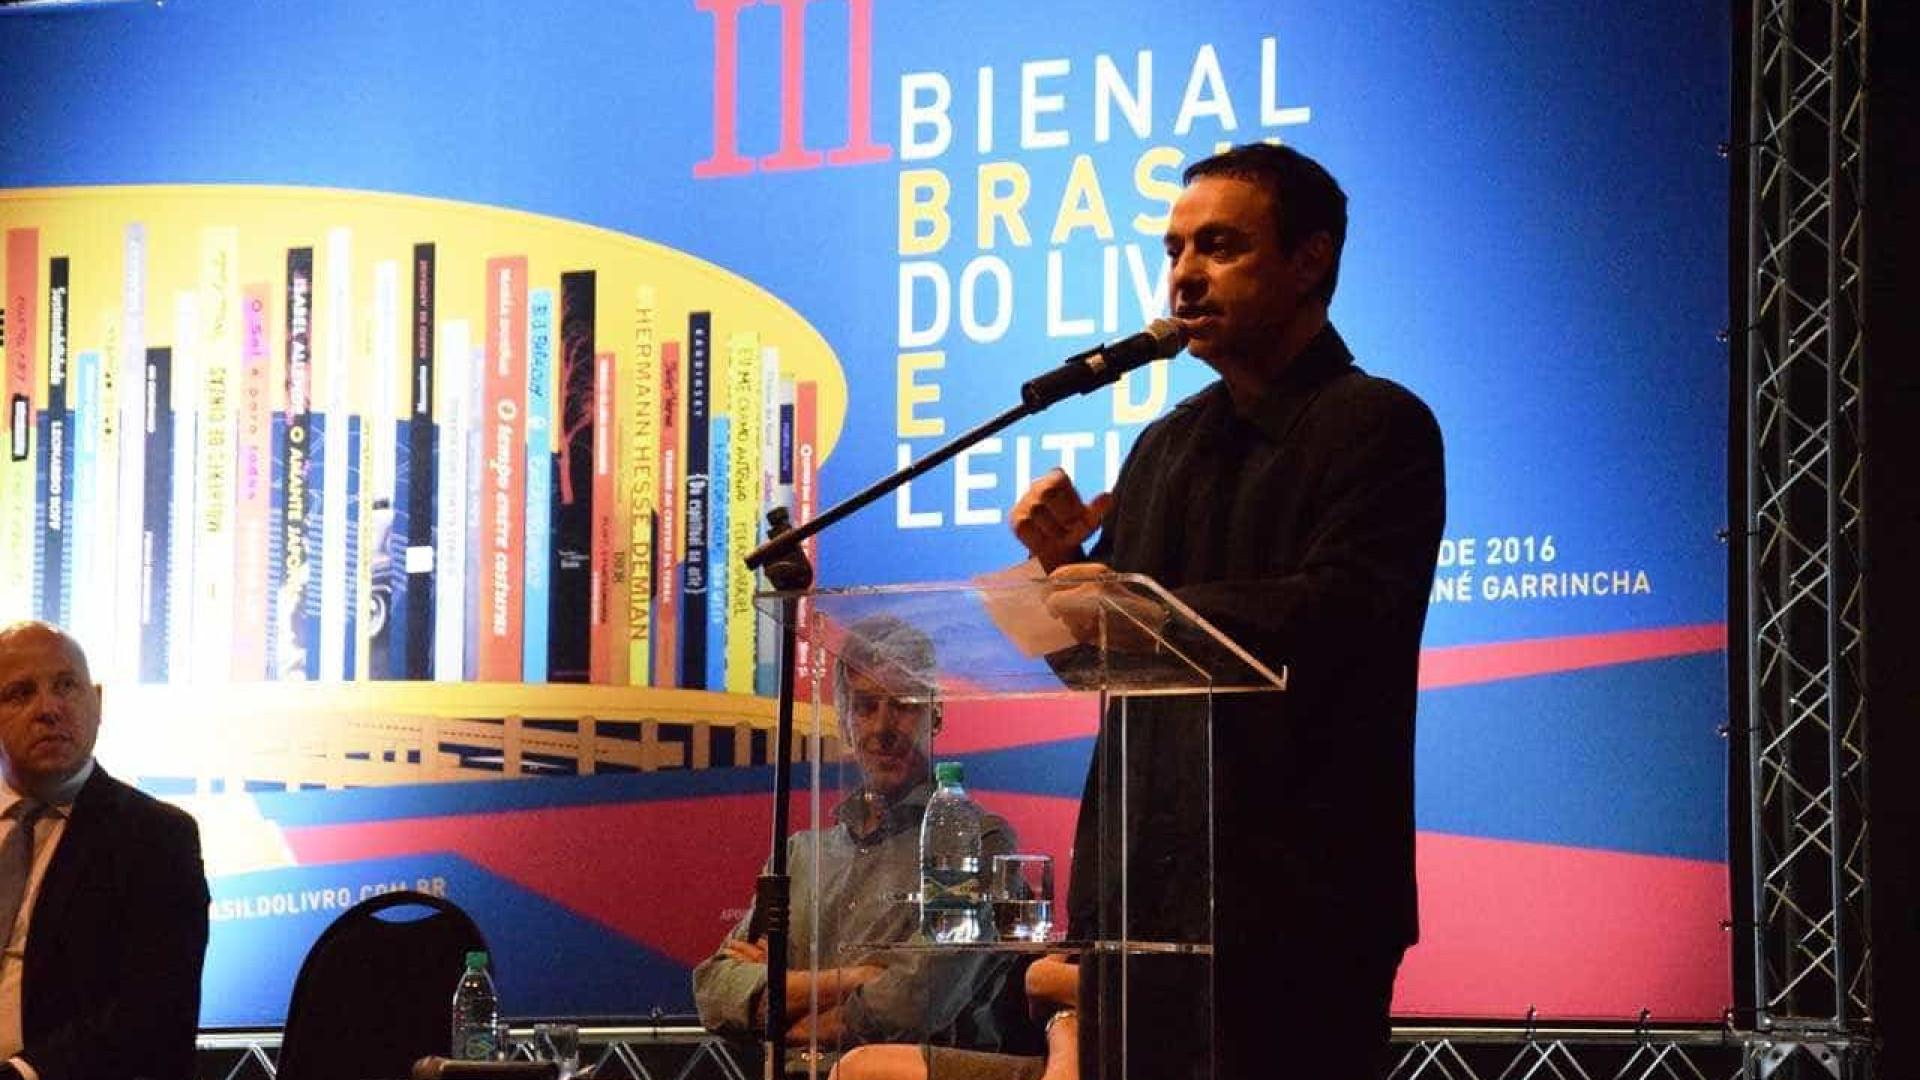 Bienal do Livro de Brasília começa nesta sexta-feira